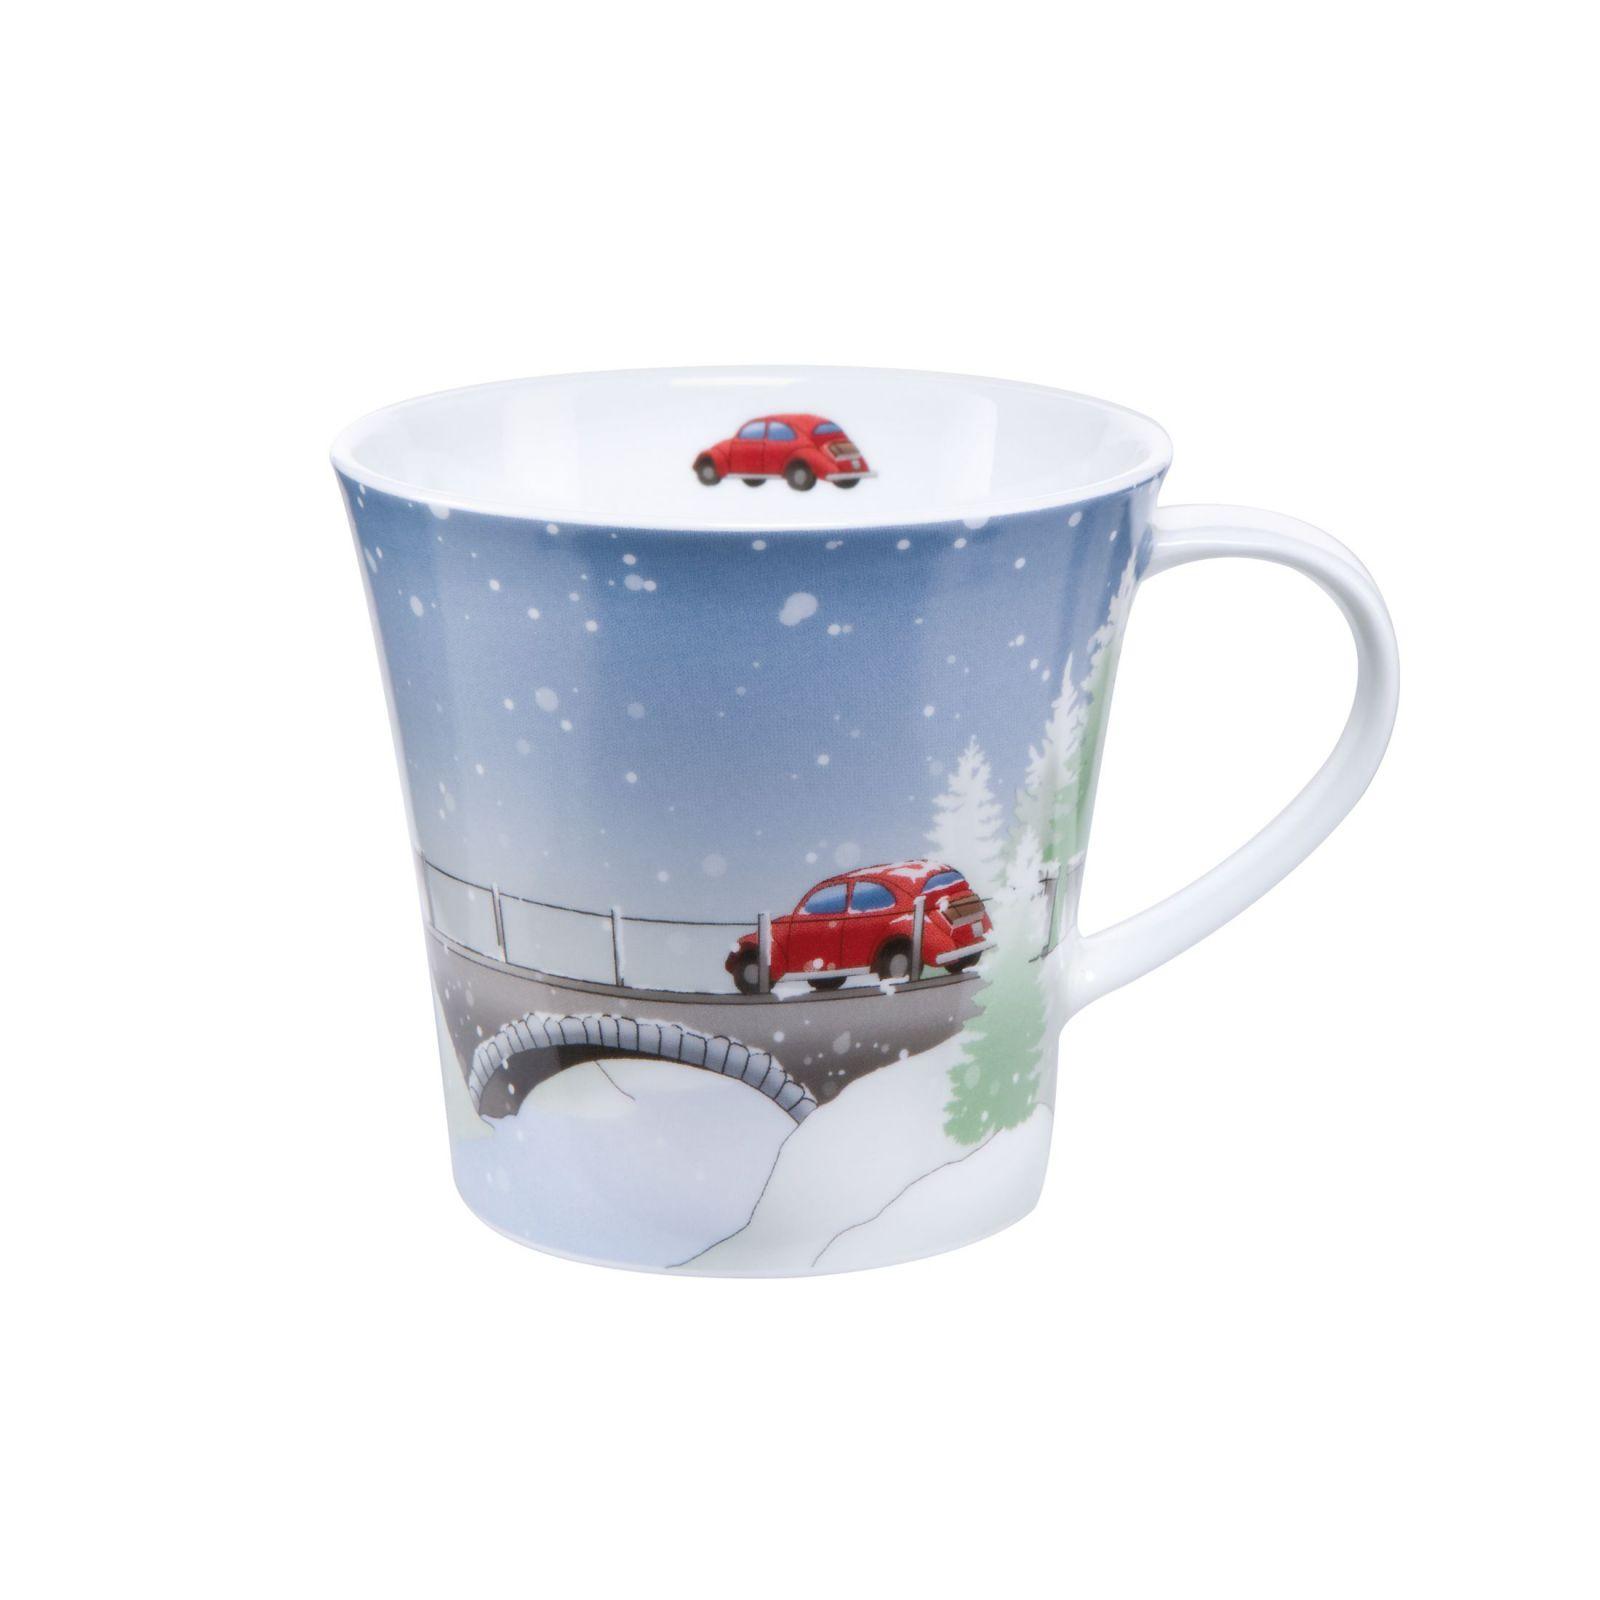 Goebel Hrnek porcelánový Nordic Christmas